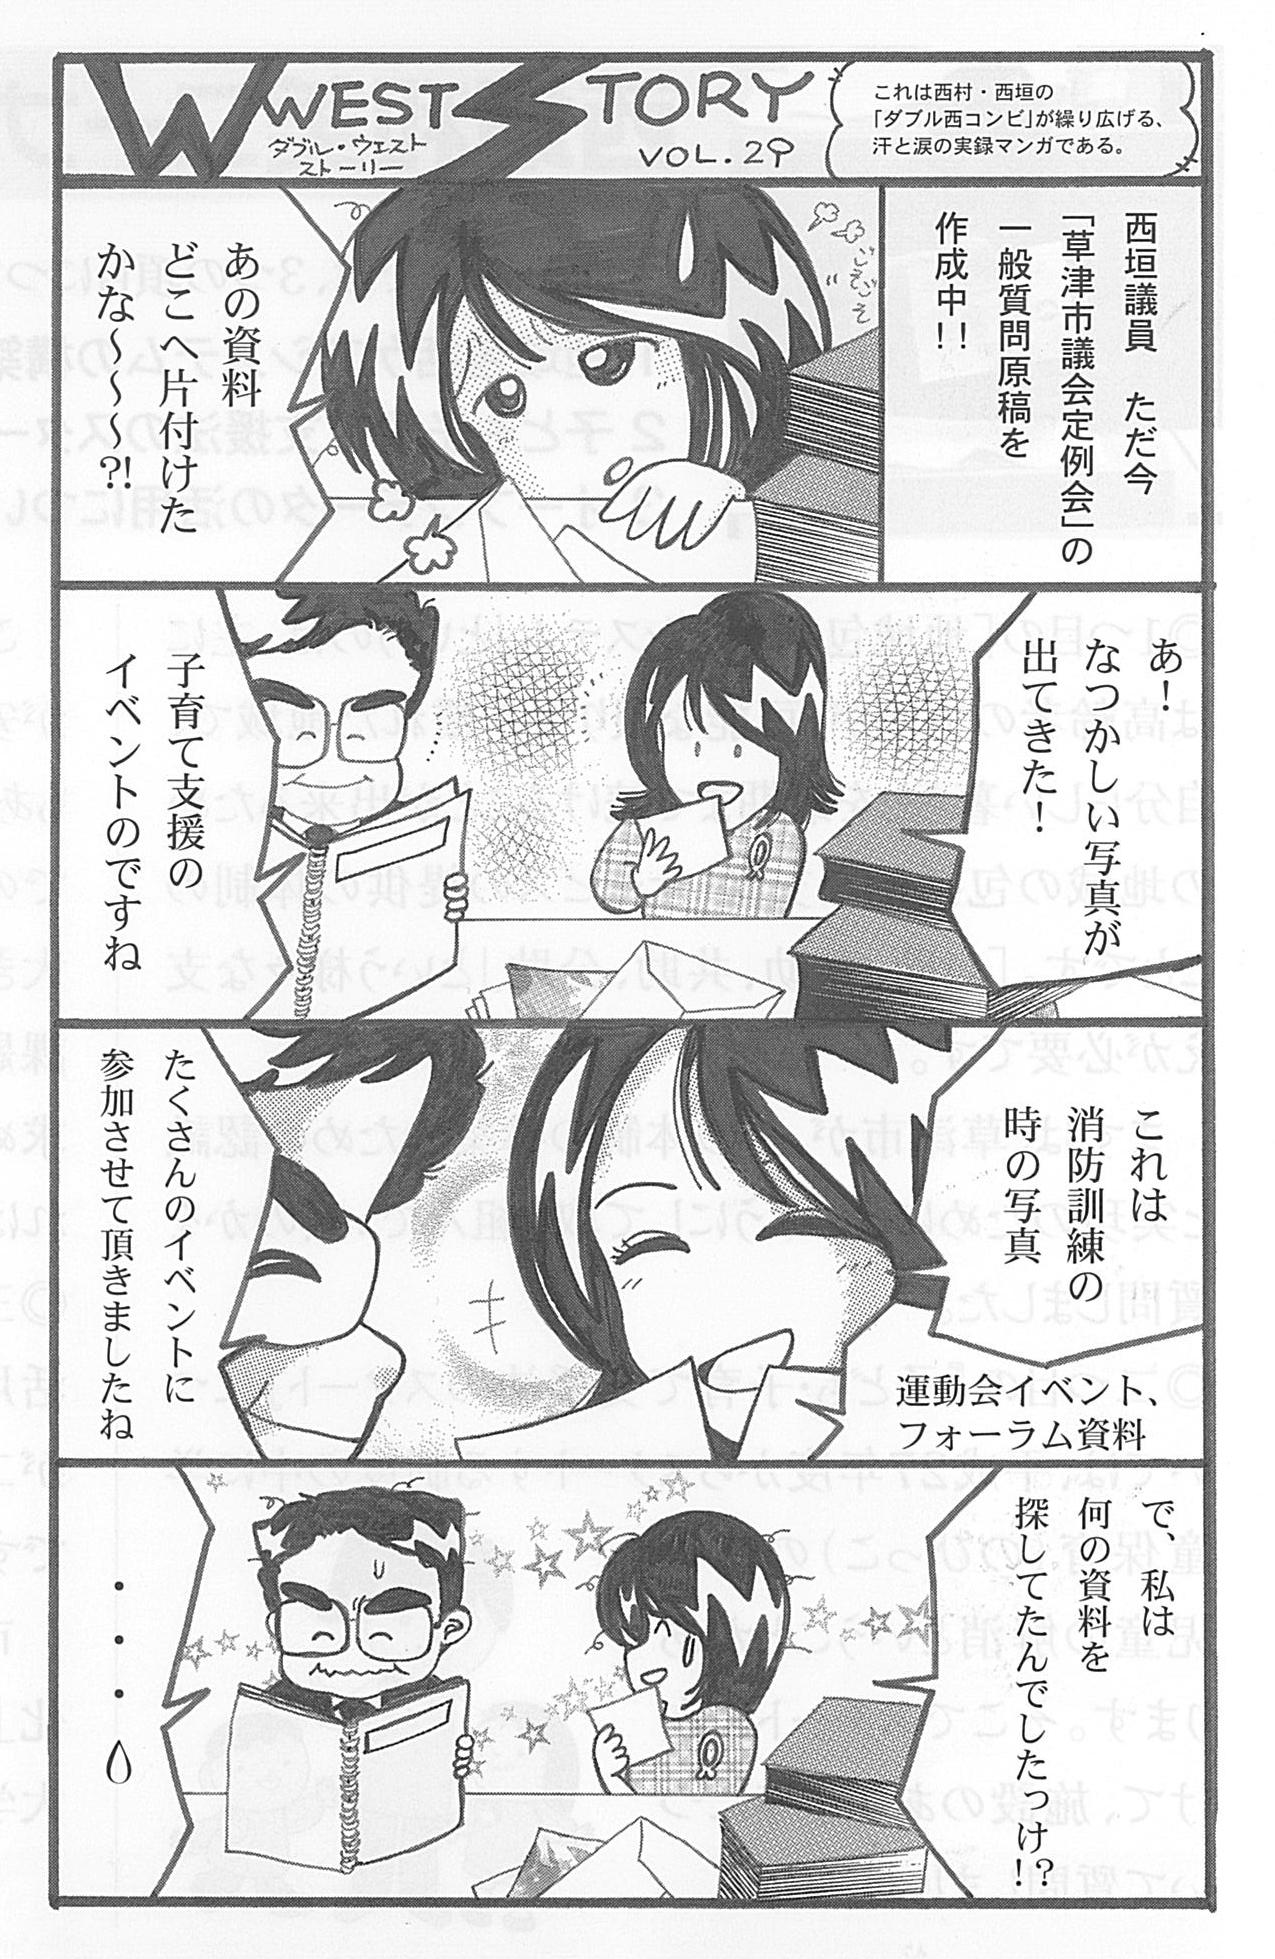 jitsuroku_vol29.jpg